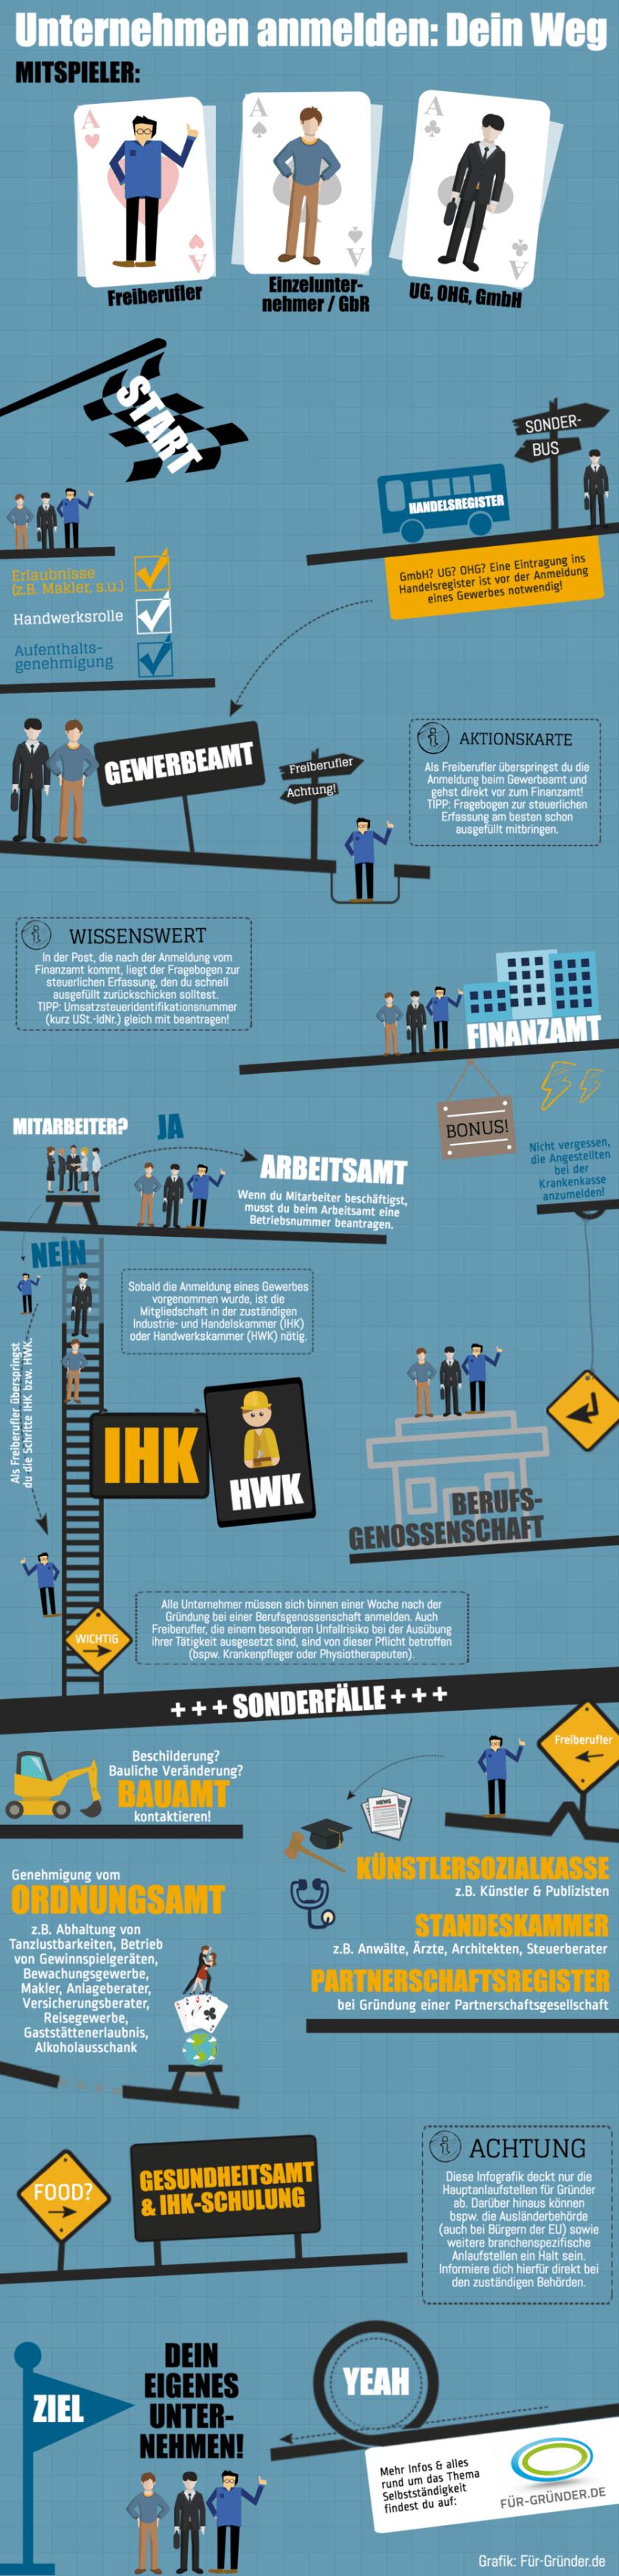 Infografik Gewerbe anmelden von Für-Gründer.de